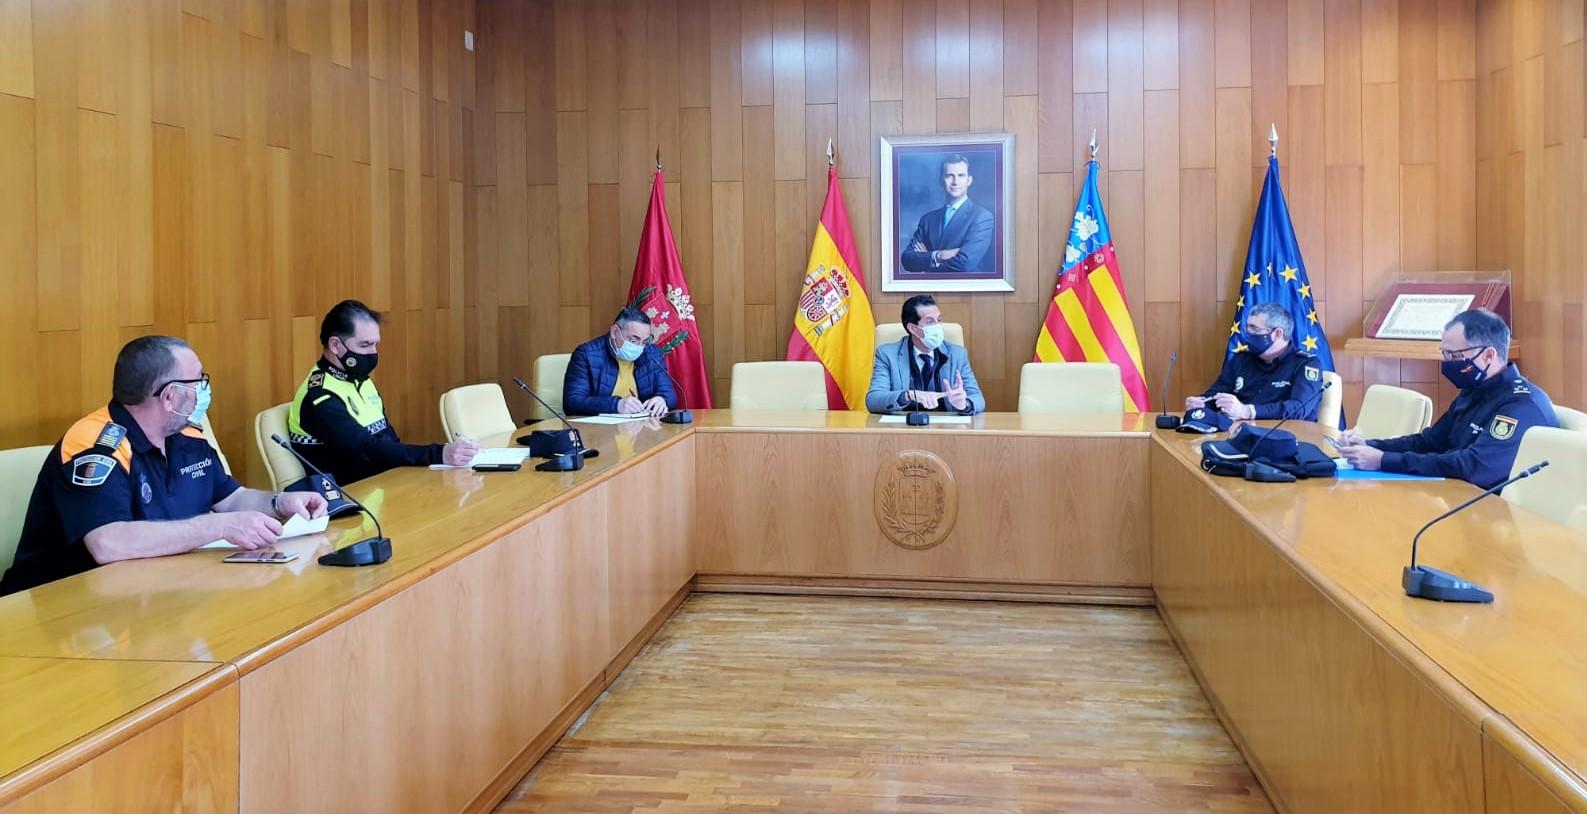 La Junta Local de Seguridad establece medidas de coordinación para controlar el cumplimiento de las restricciones durante la Semana Santa